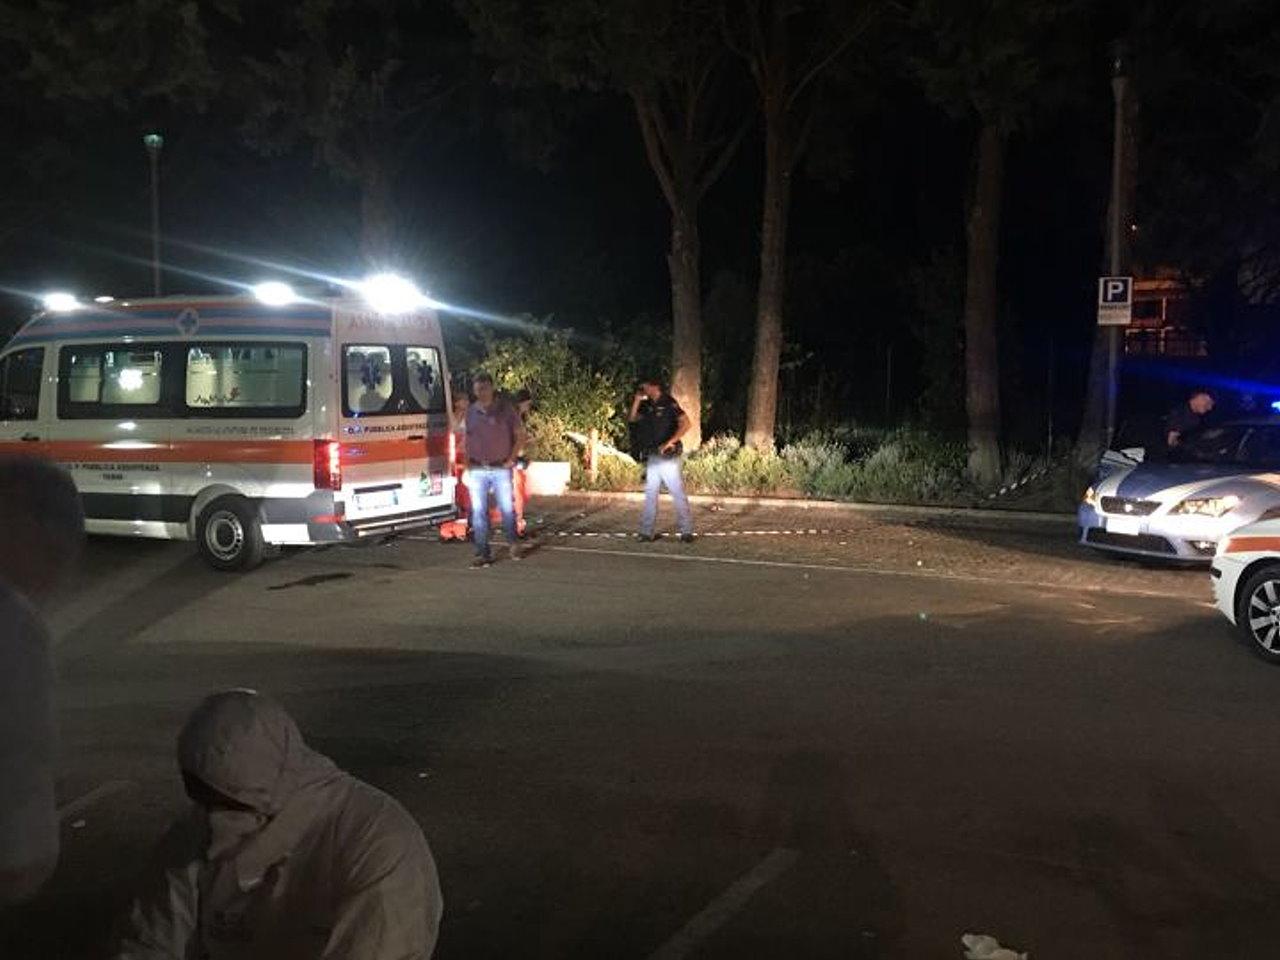 Neonato morto trovato a Terni nel parcheggio di un supermercato